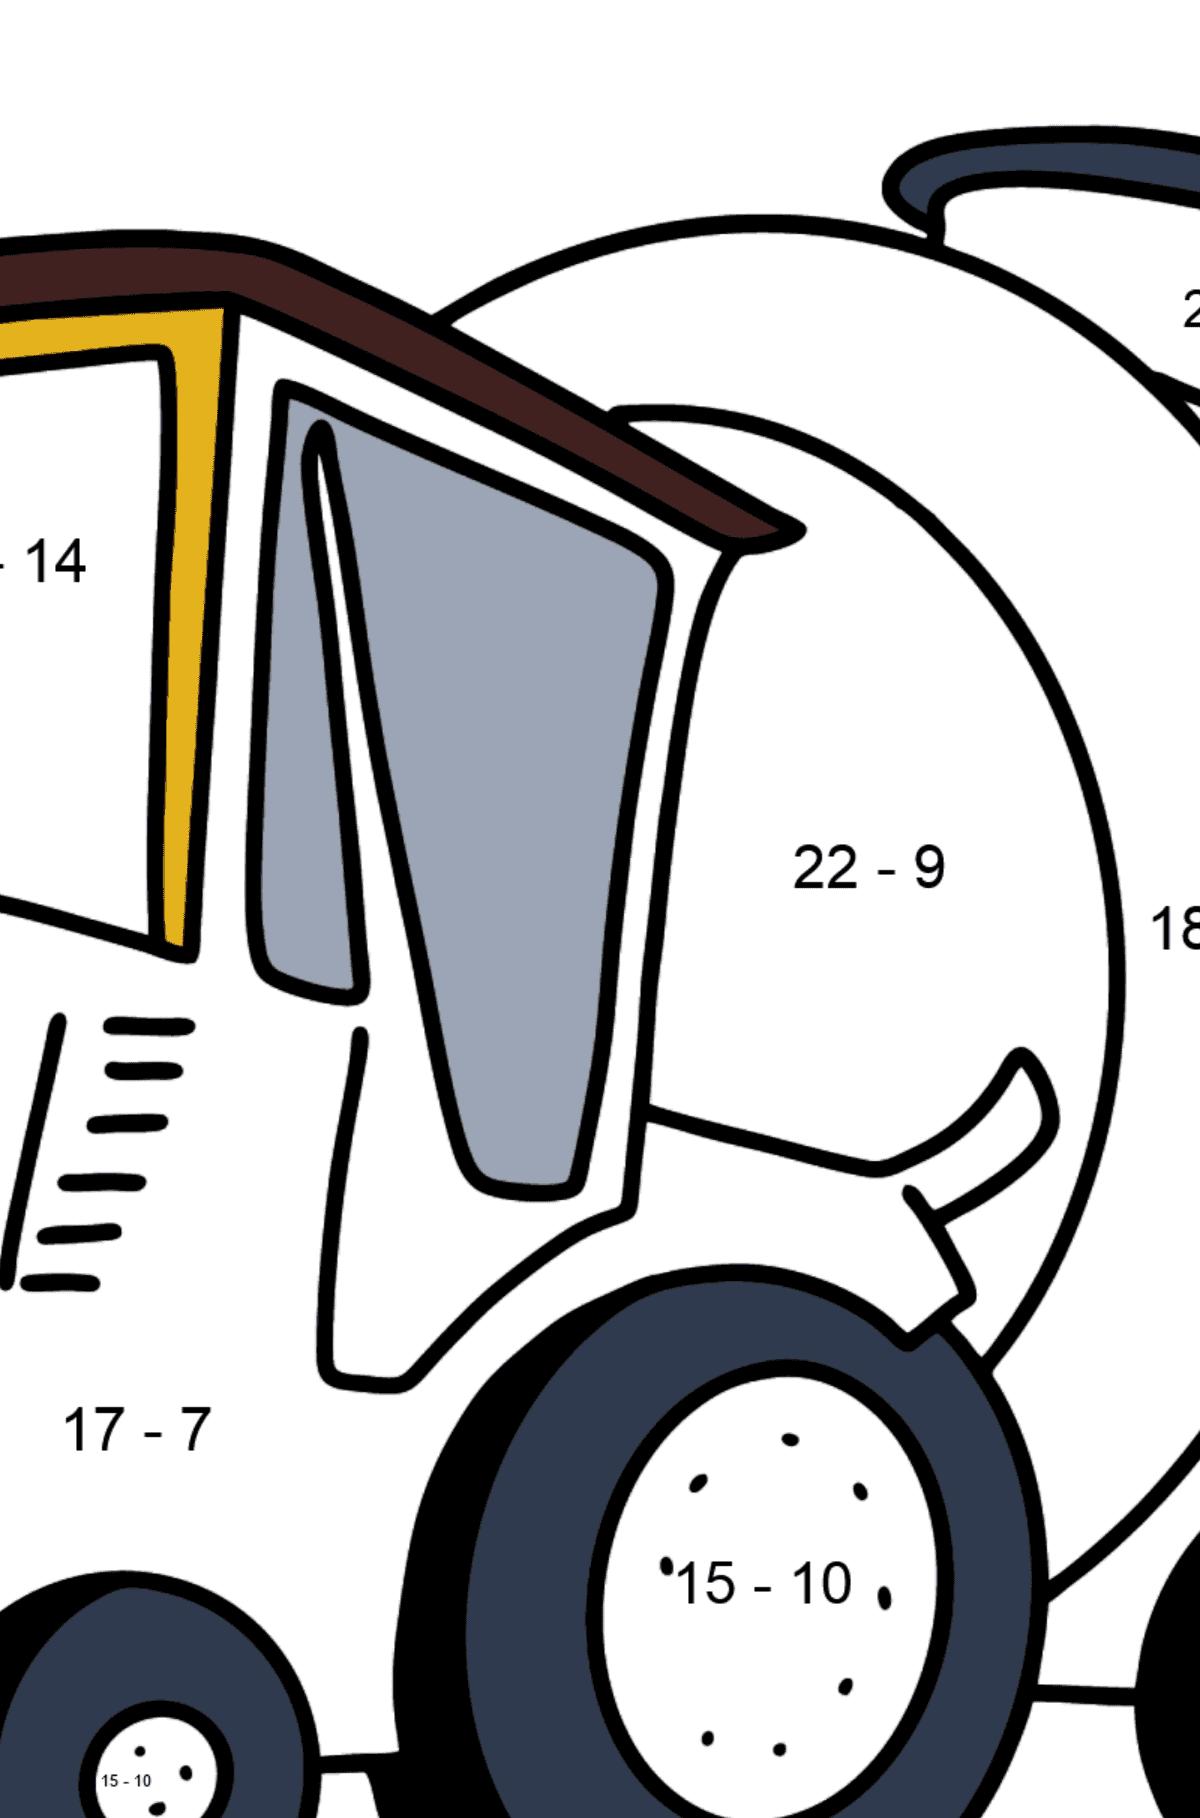 Раскраска трактор с прицепом для воды - Математическая Раскраска - Вычитание для Детей